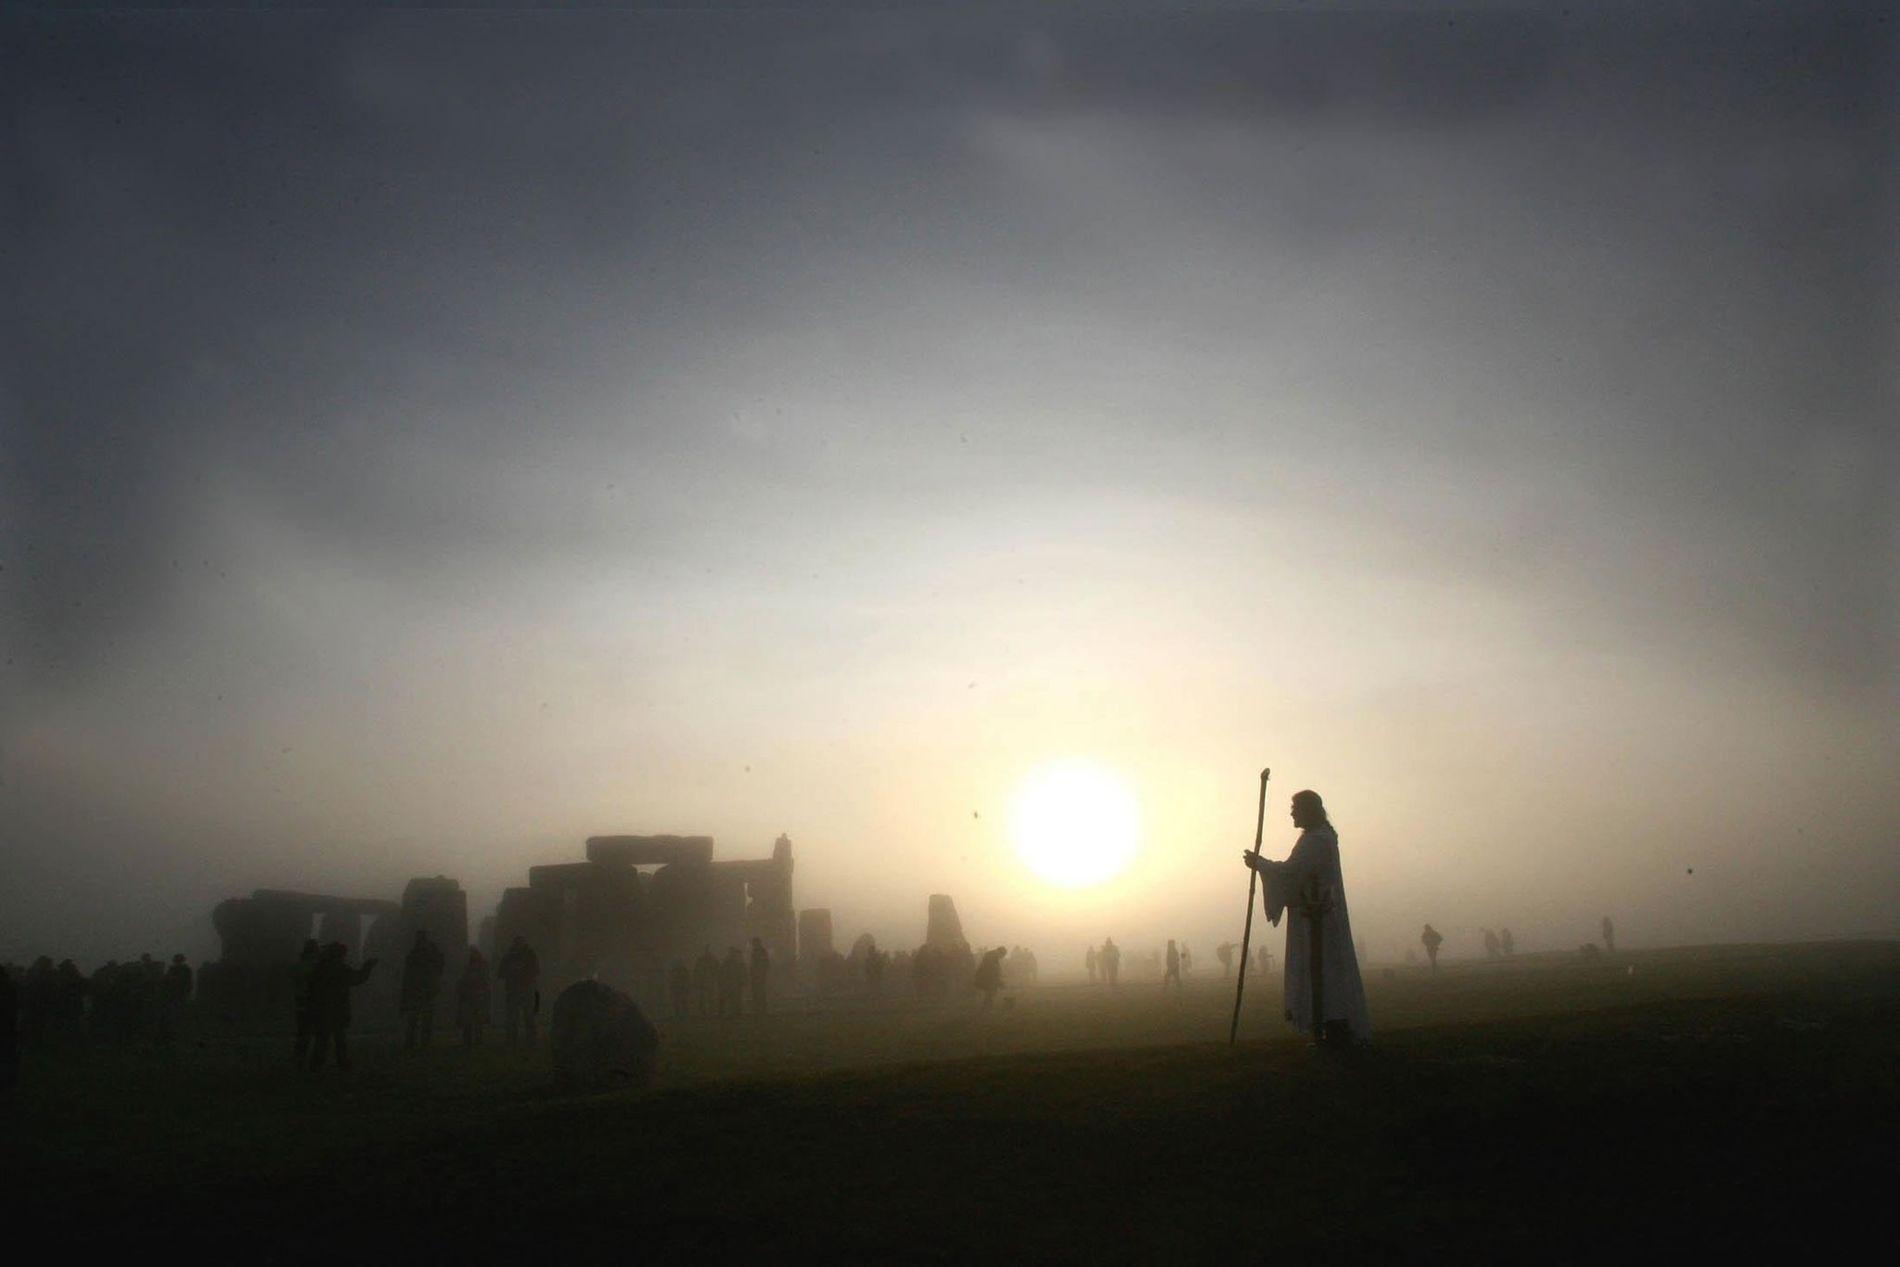 Le chef néodruide Arthur Pendragon assiste au lever de Soleil pendant les festivités du solstice d'hiver ...